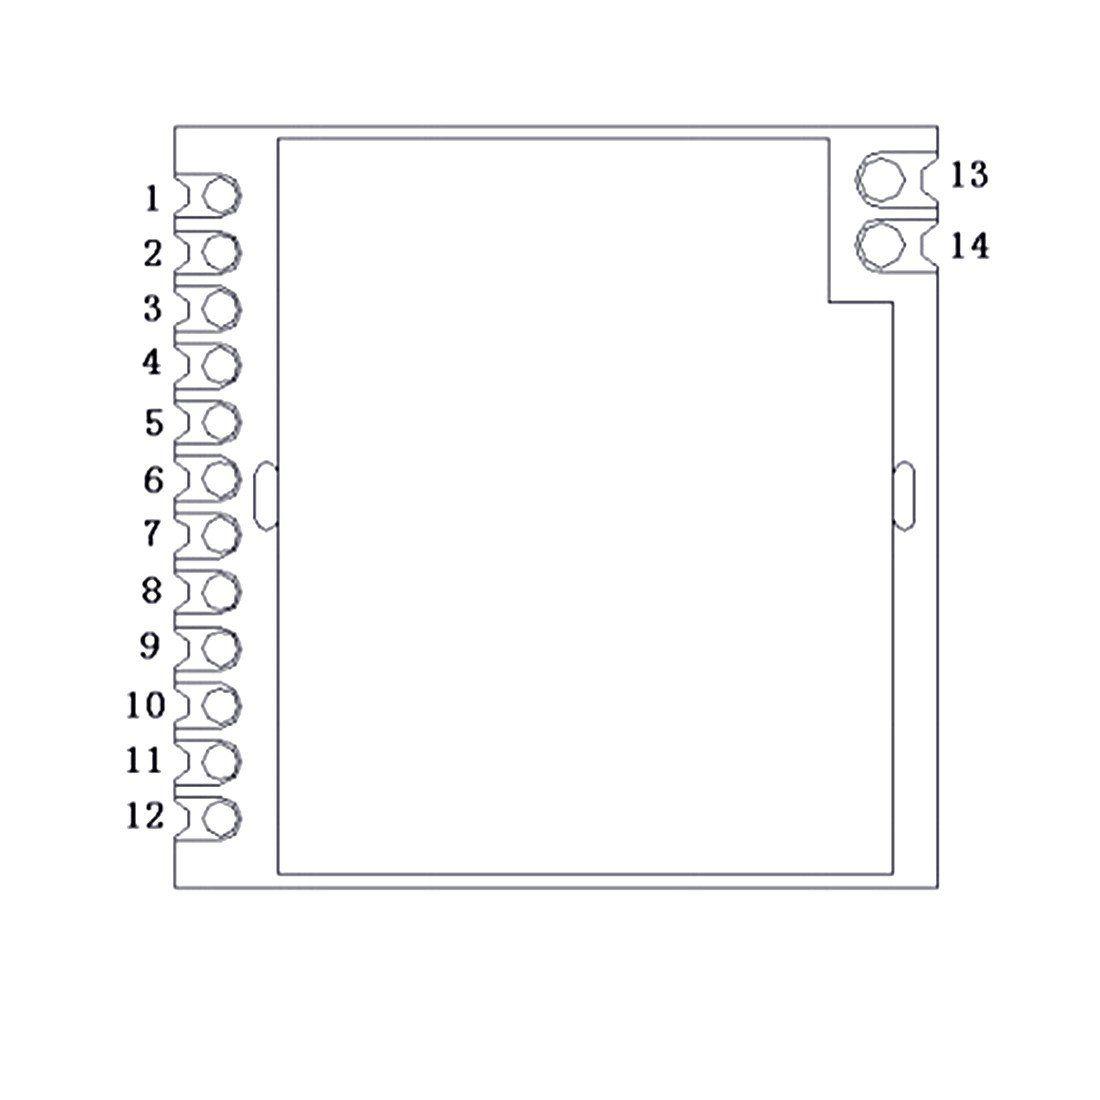 Amazon com: Luabby Smart Lora1276 915MHz sx1276 chip 100mW